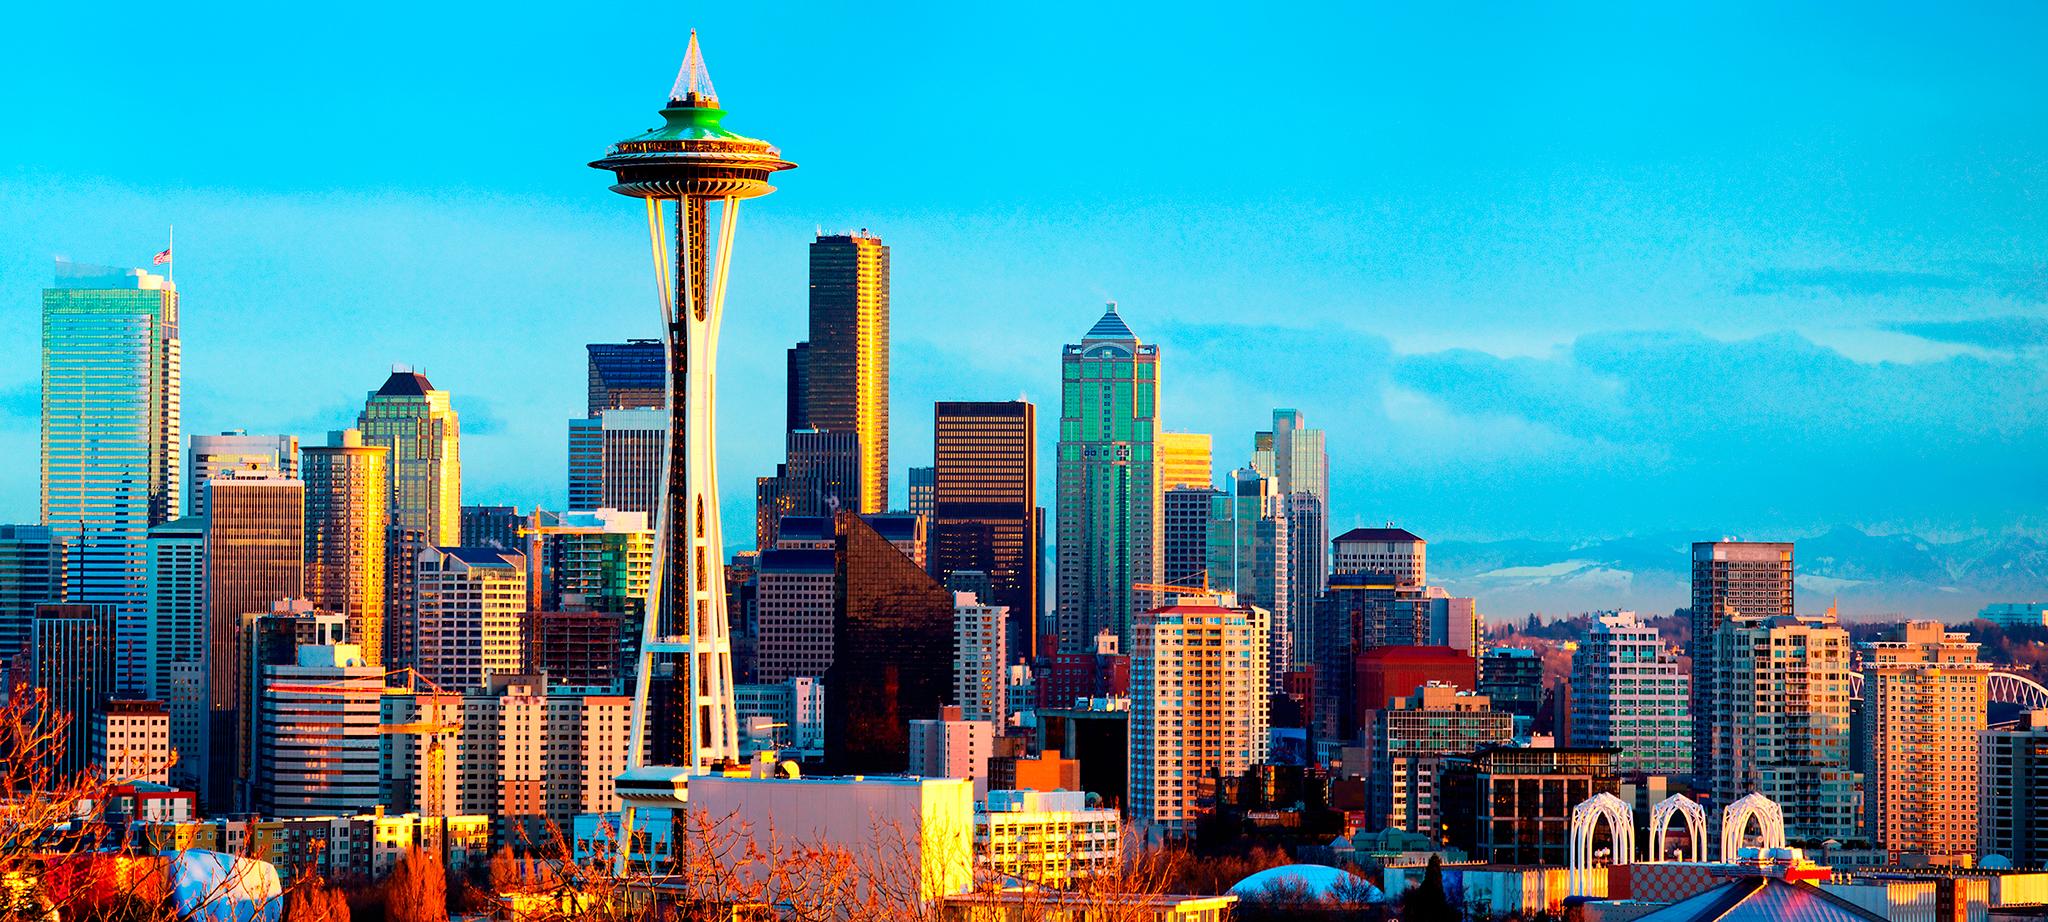 Seattle'i linnavaade